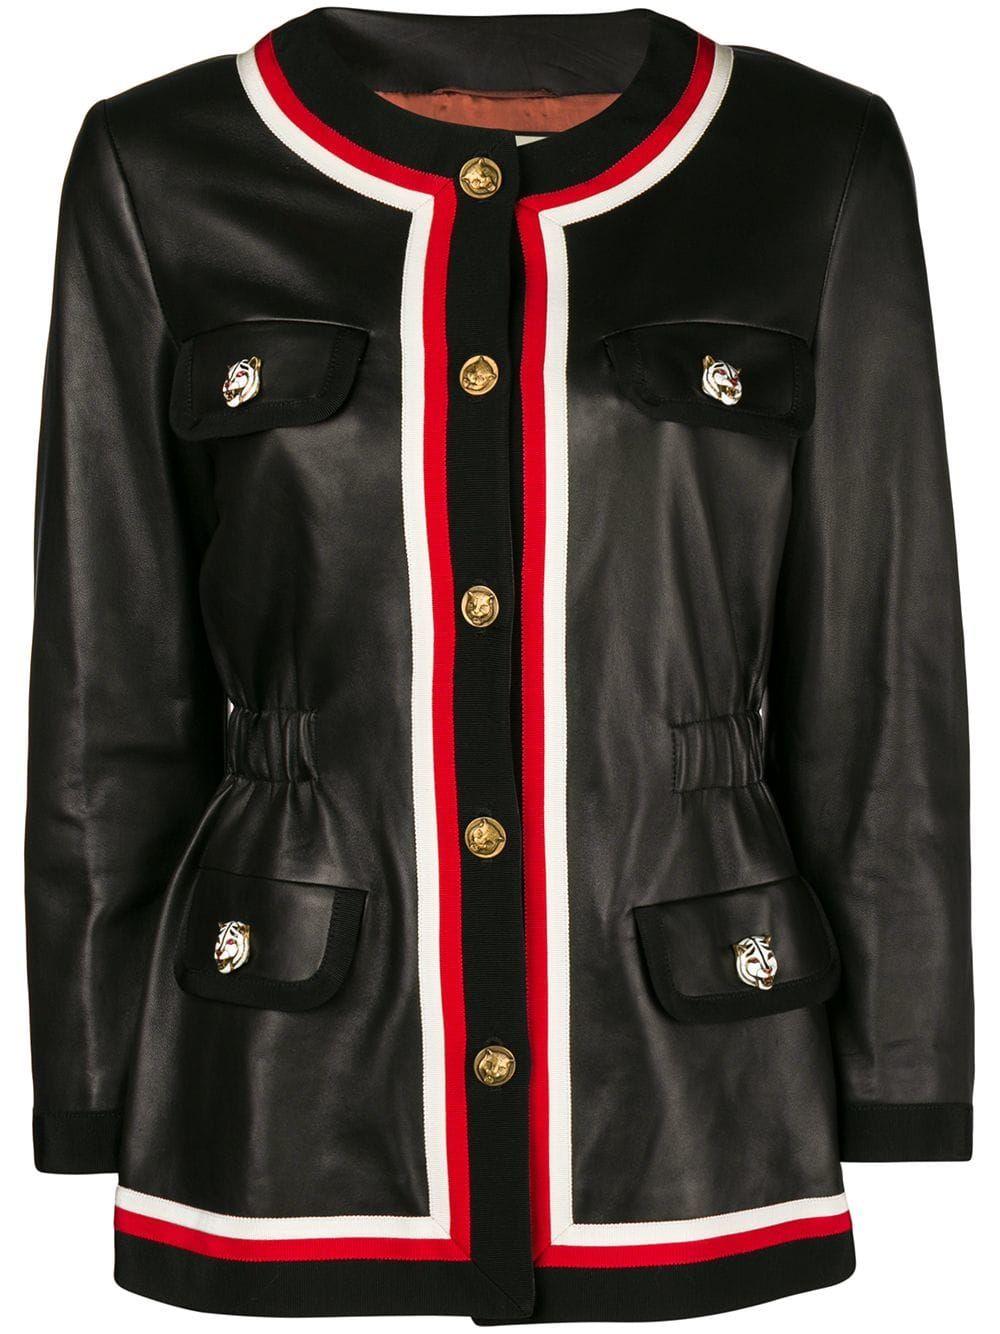 Gucci ribbon trim jacket Black Куртка, Кожаная куртка